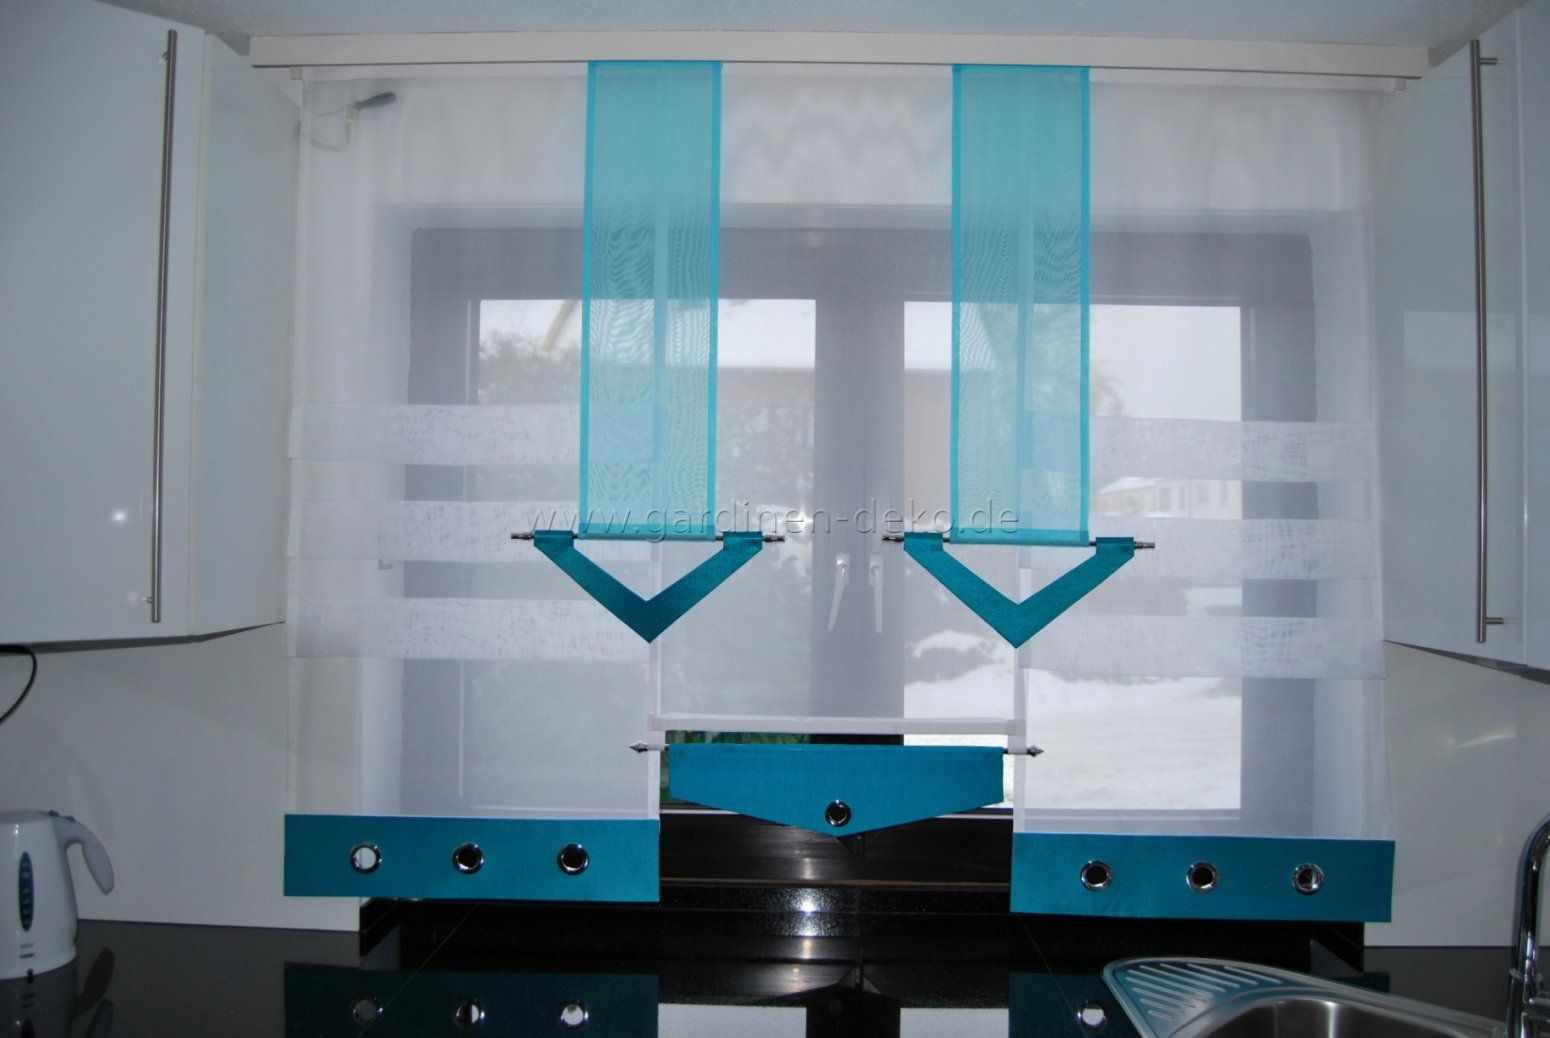 Moderne Küche Gardinen Haus Ideen Mit Küche Vorhänge Modern Und For von Gardinen Für Küche Modern Bild